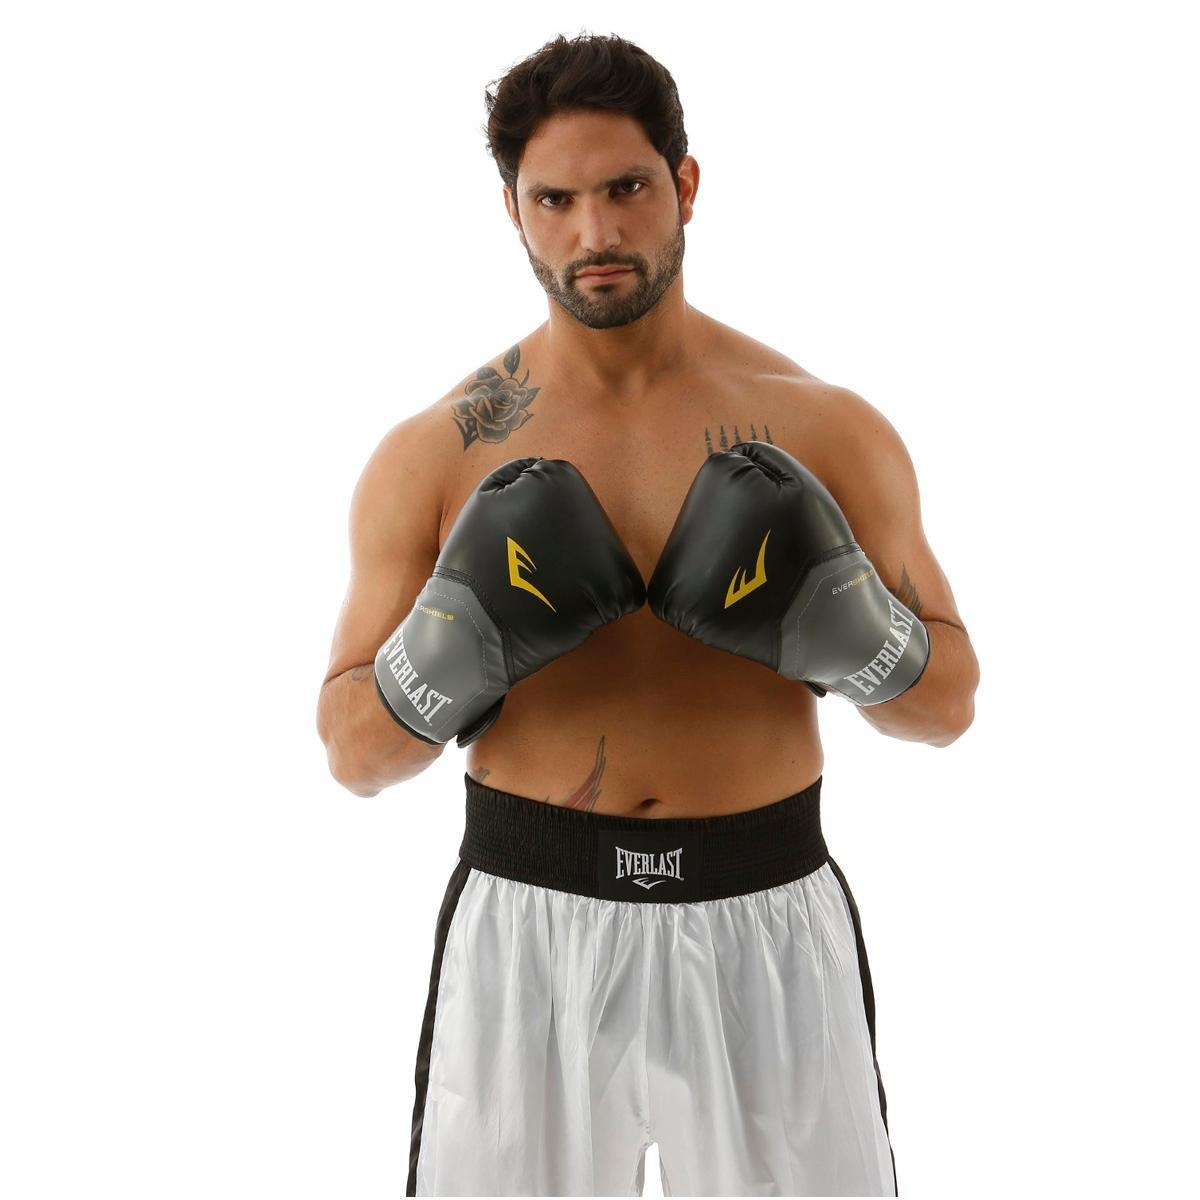 06780b8b5 Luva de Boxe Muay Thai Everlast Pro Style - 14 oz - Preto e Cinza ...